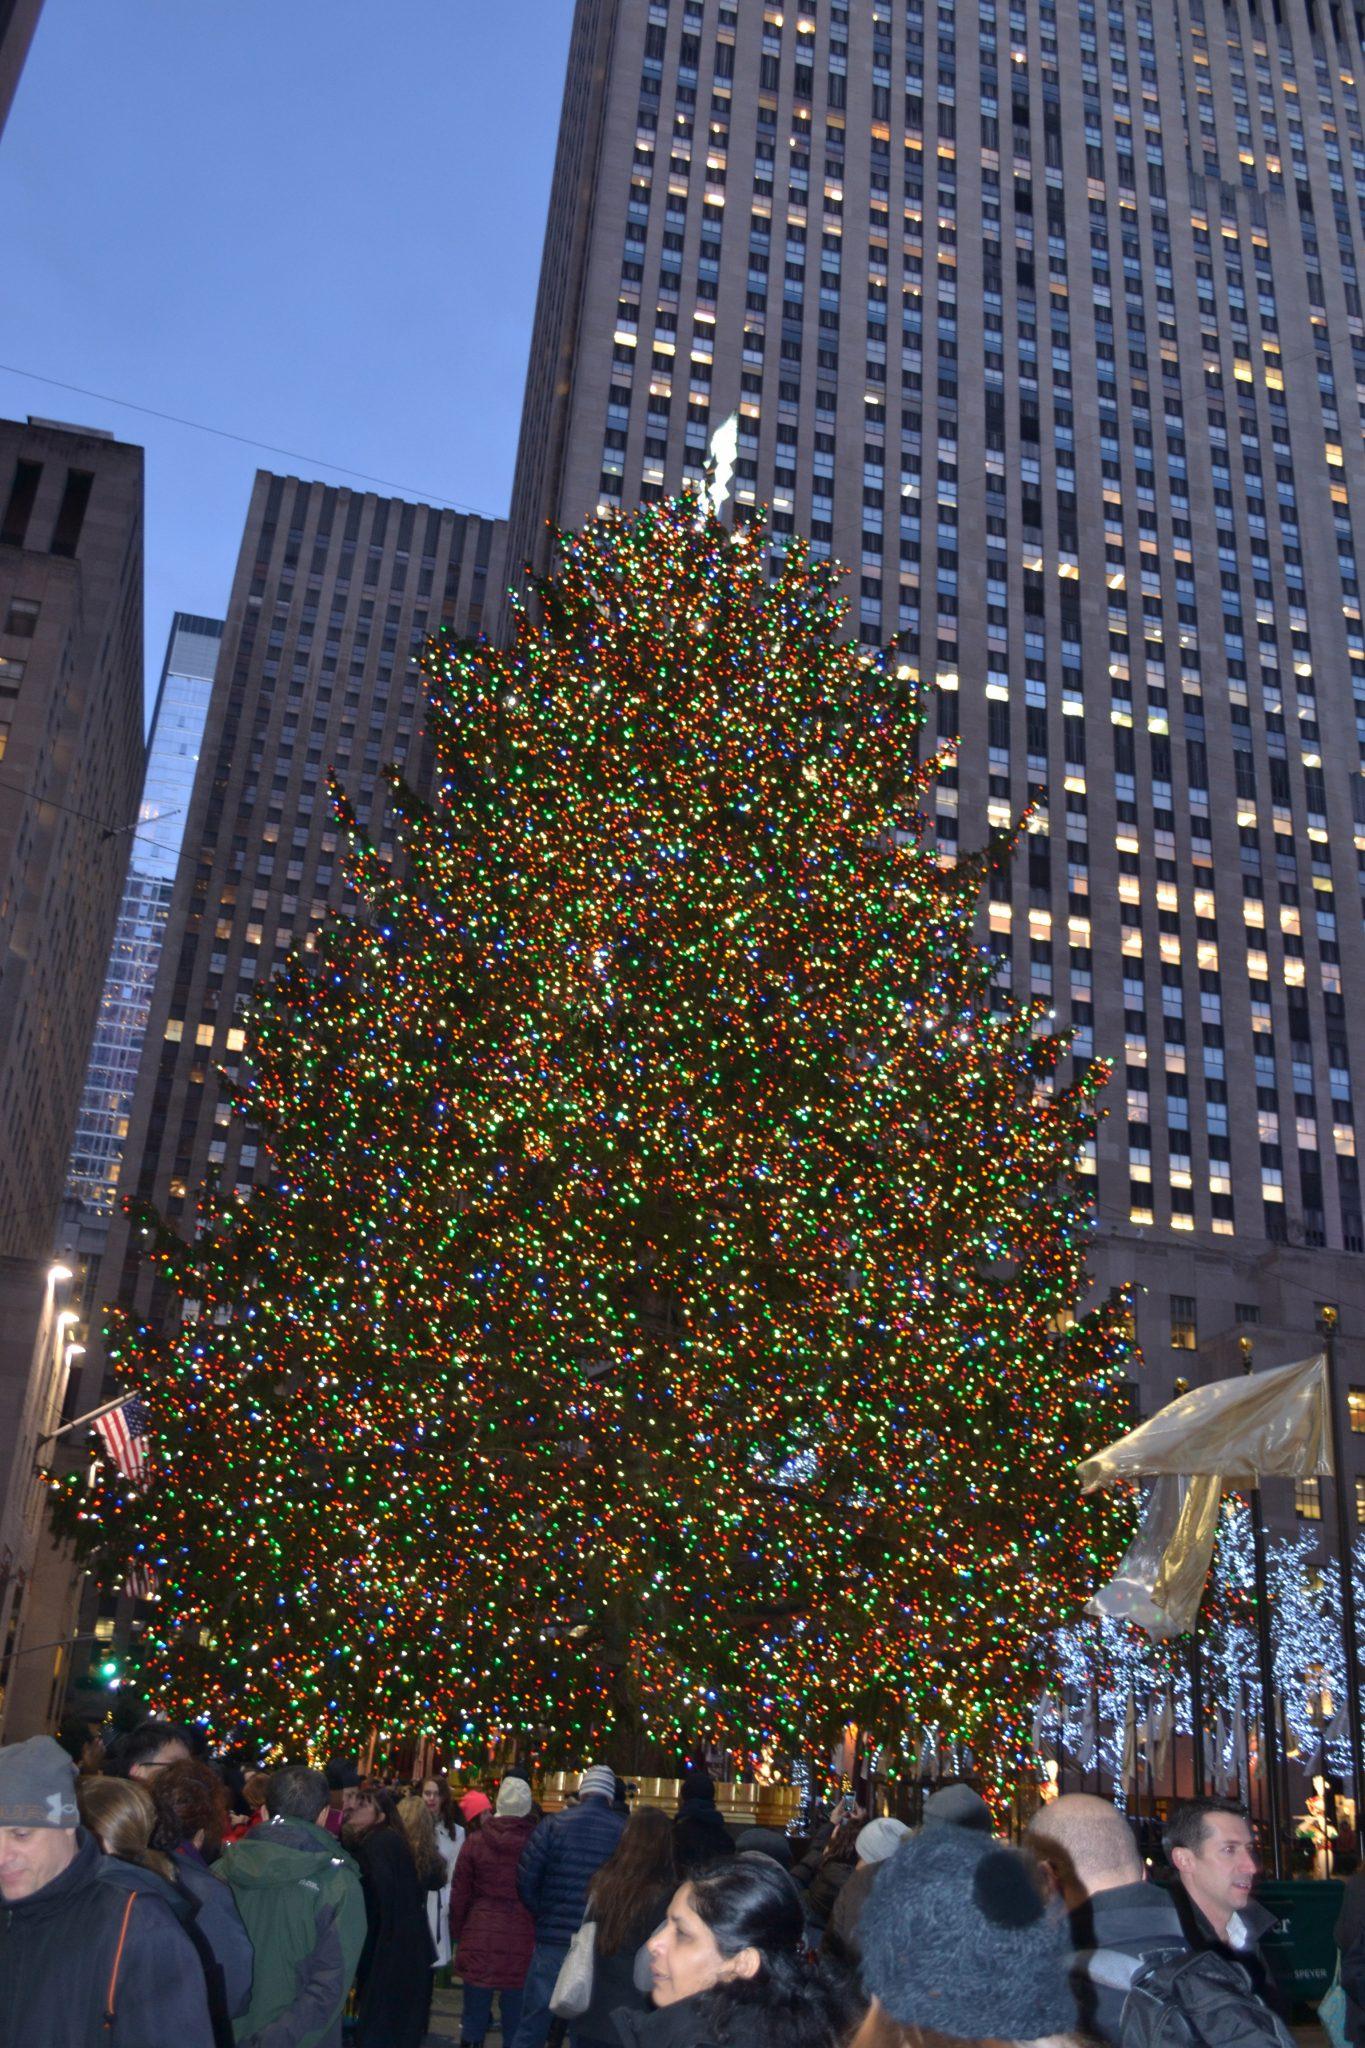 New York Part 2: Rockefeller Center & Empire State Building - dsc 0207